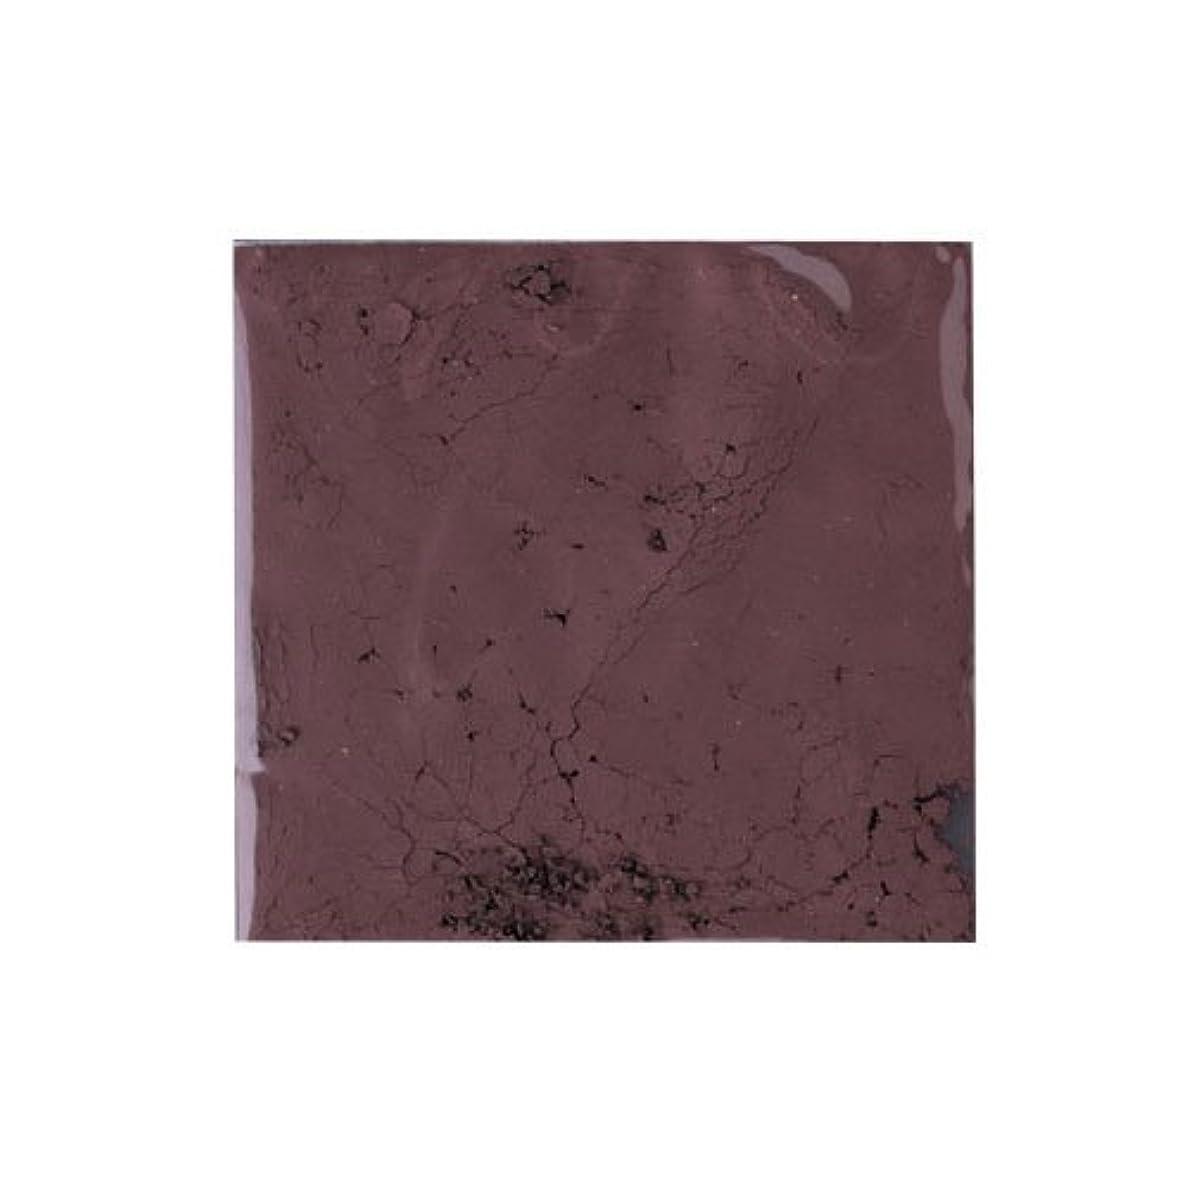 だます人類銃ピカエース ネイル用パウダー ピカエース カラーパウダー 着色顔料 #785 チョコレートブラウン 2g アート材